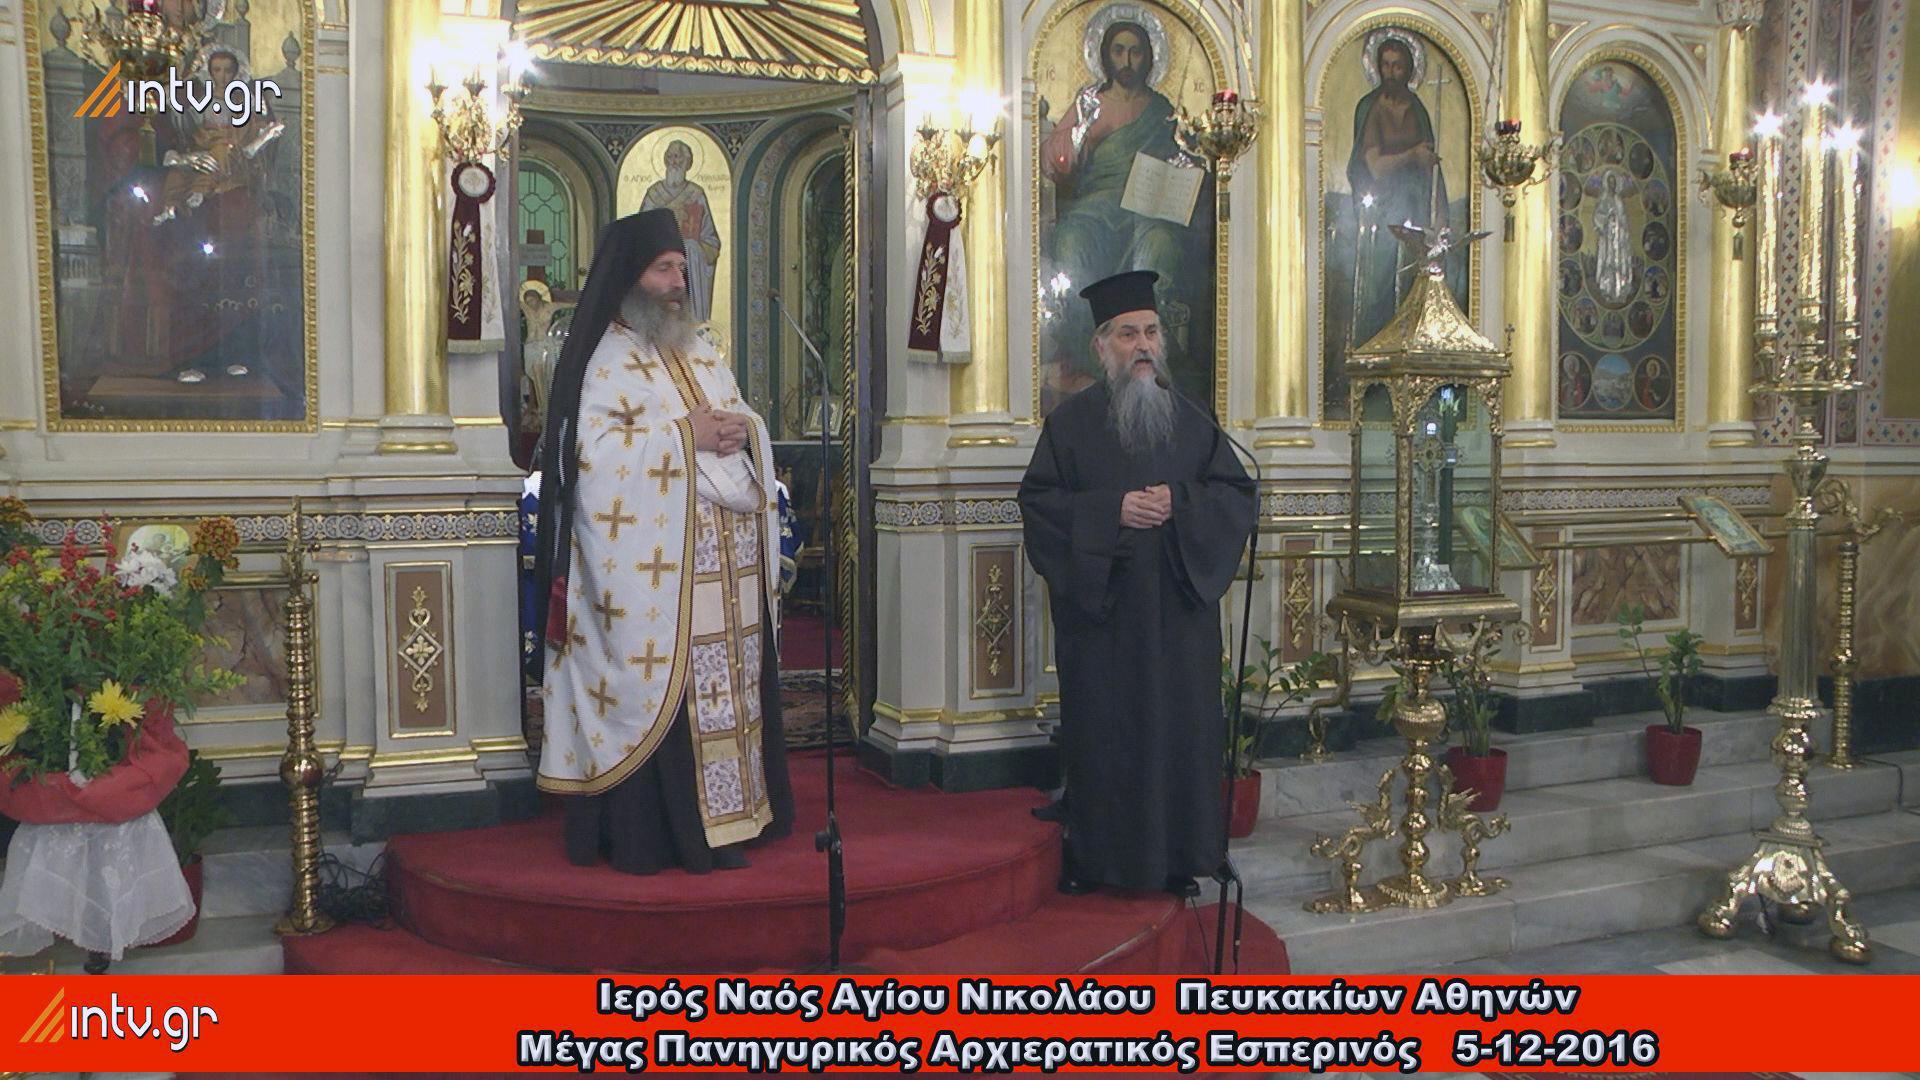 Ιερός Ναός Αγίου Νικολάου Πευκακίων Αθηνών - Πανηγυρικός Αρχιερατικός Εσπερινός